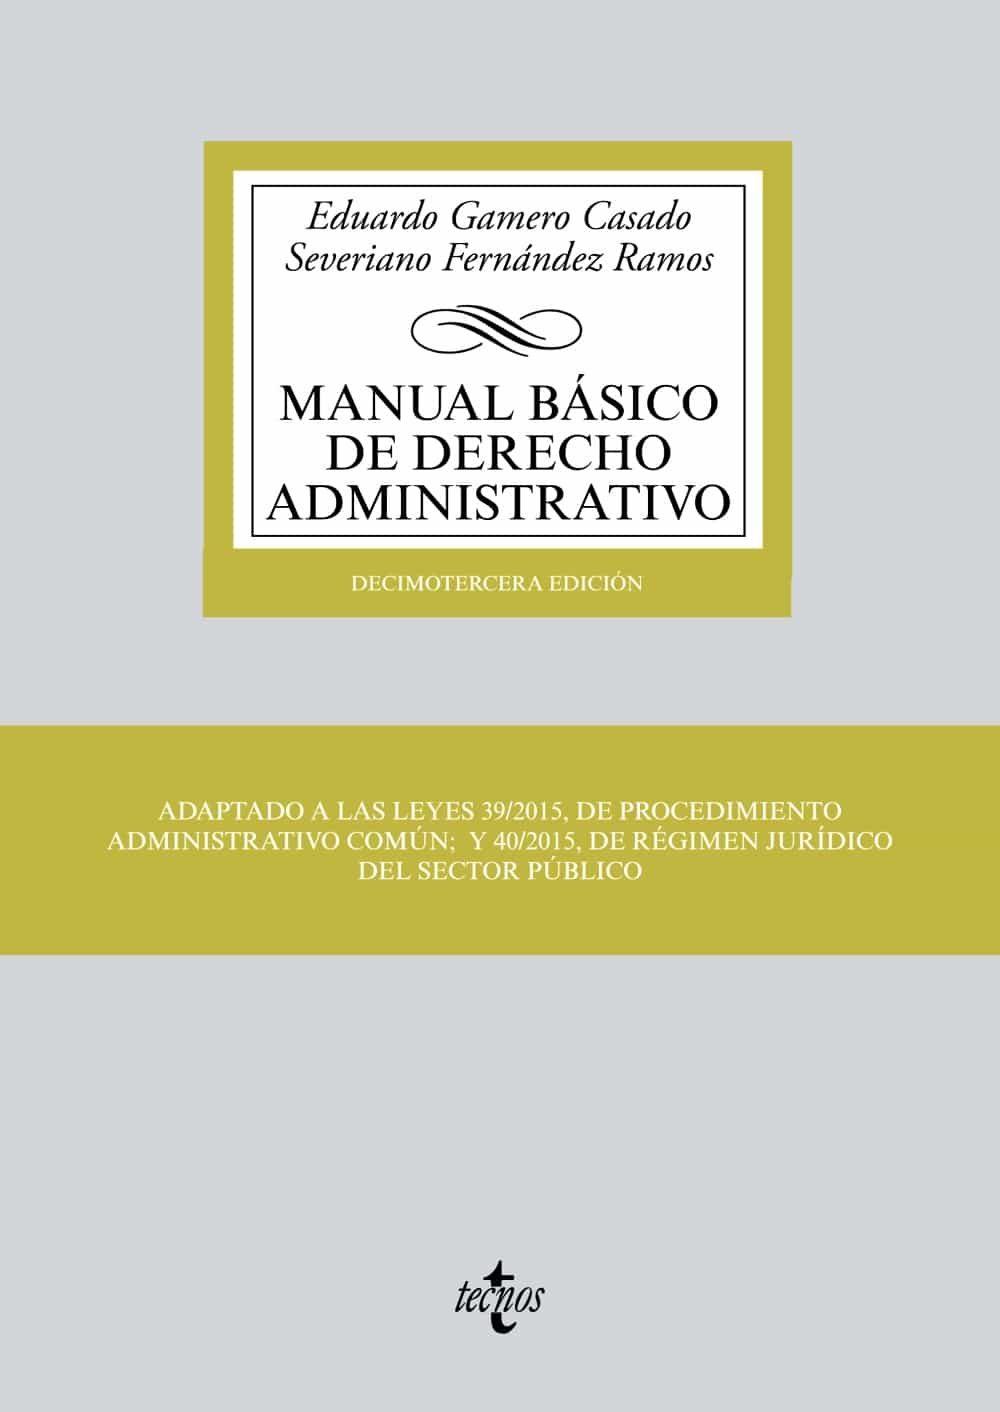 manual básico de derecho administrativo (13ª ed.)-eduardo gamero  casado-severiano